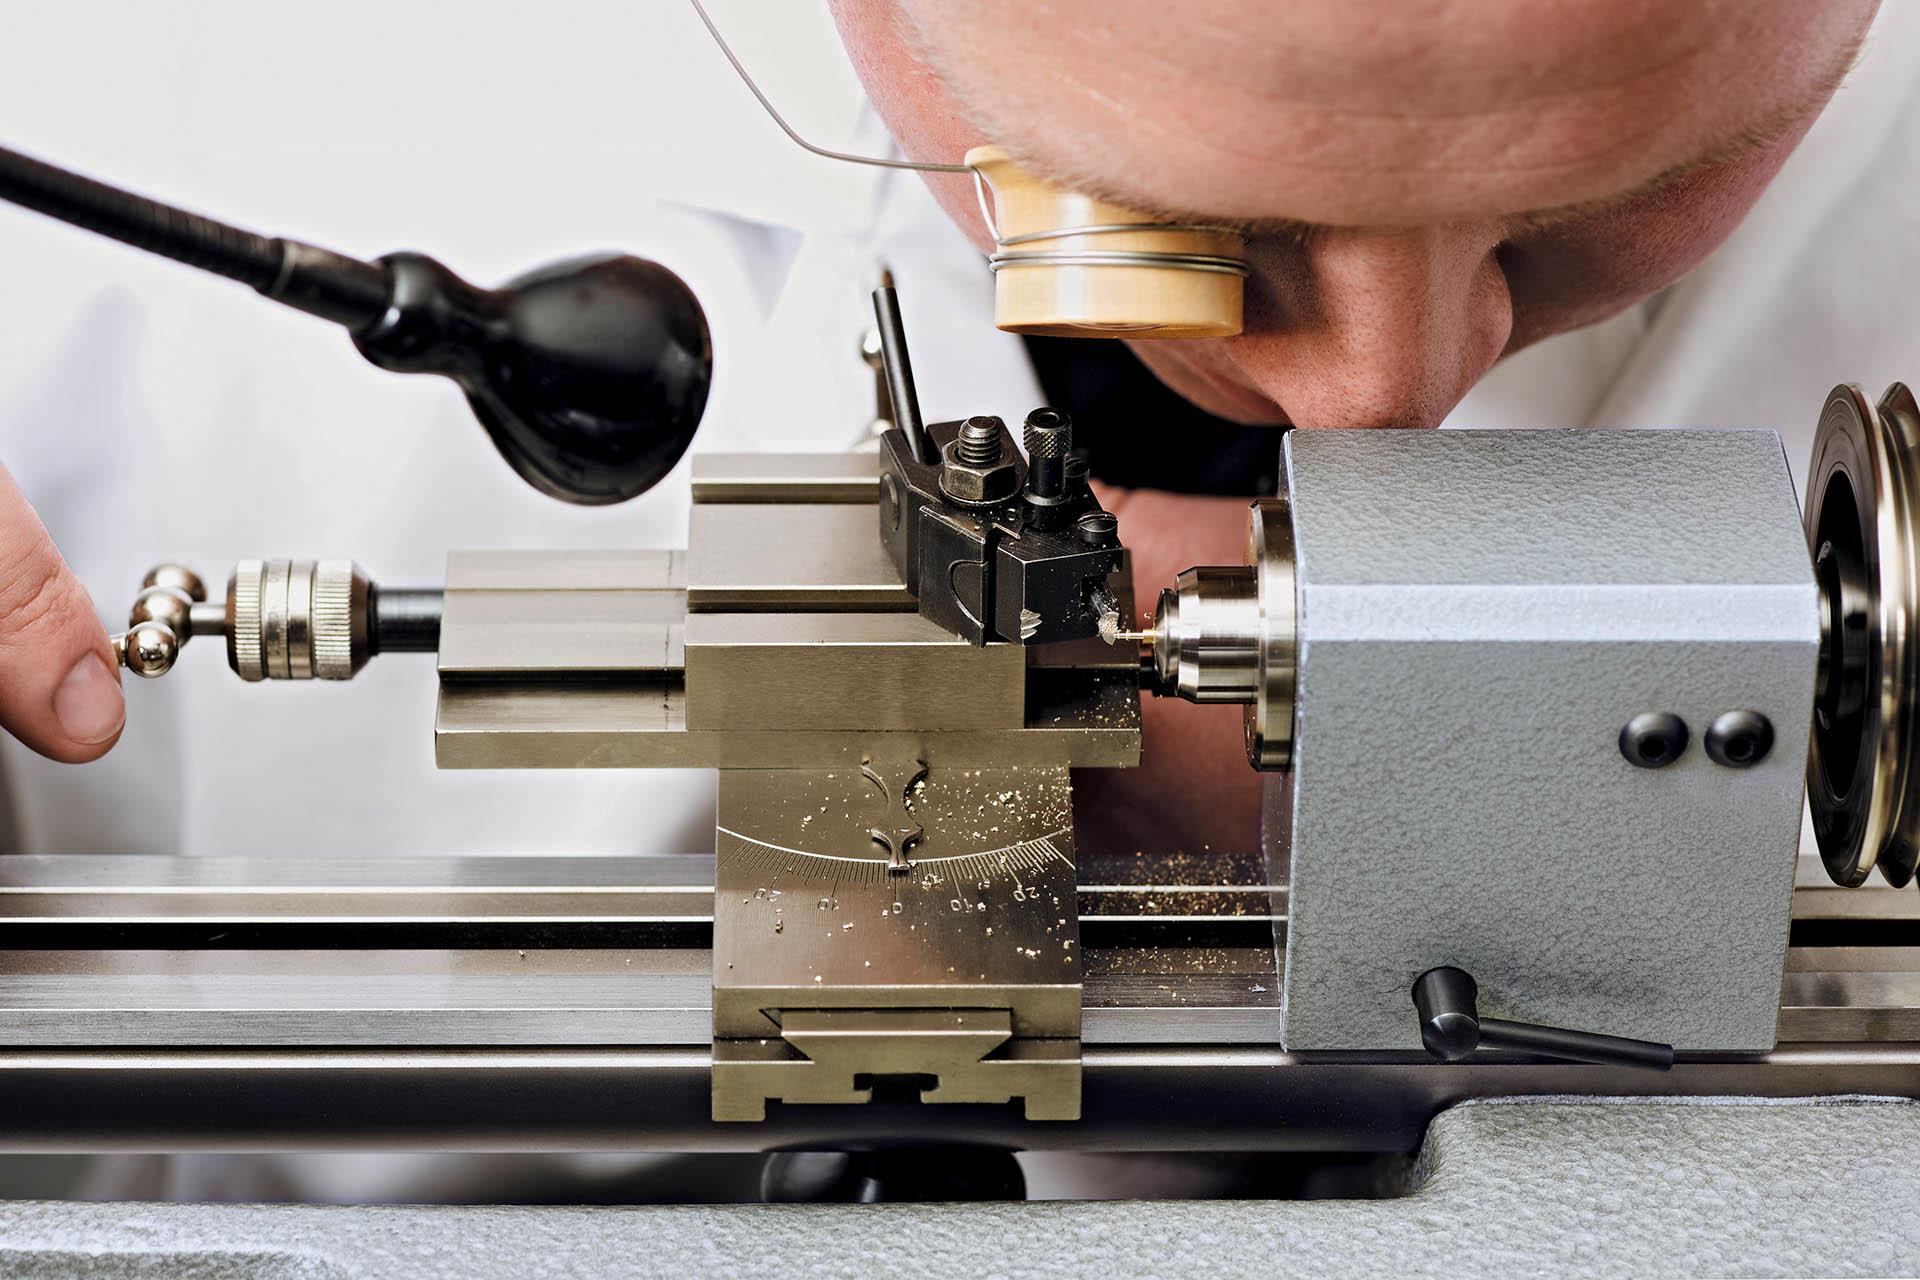 Teilefertigung für Tutima-Prototypen an einer Drehbank.